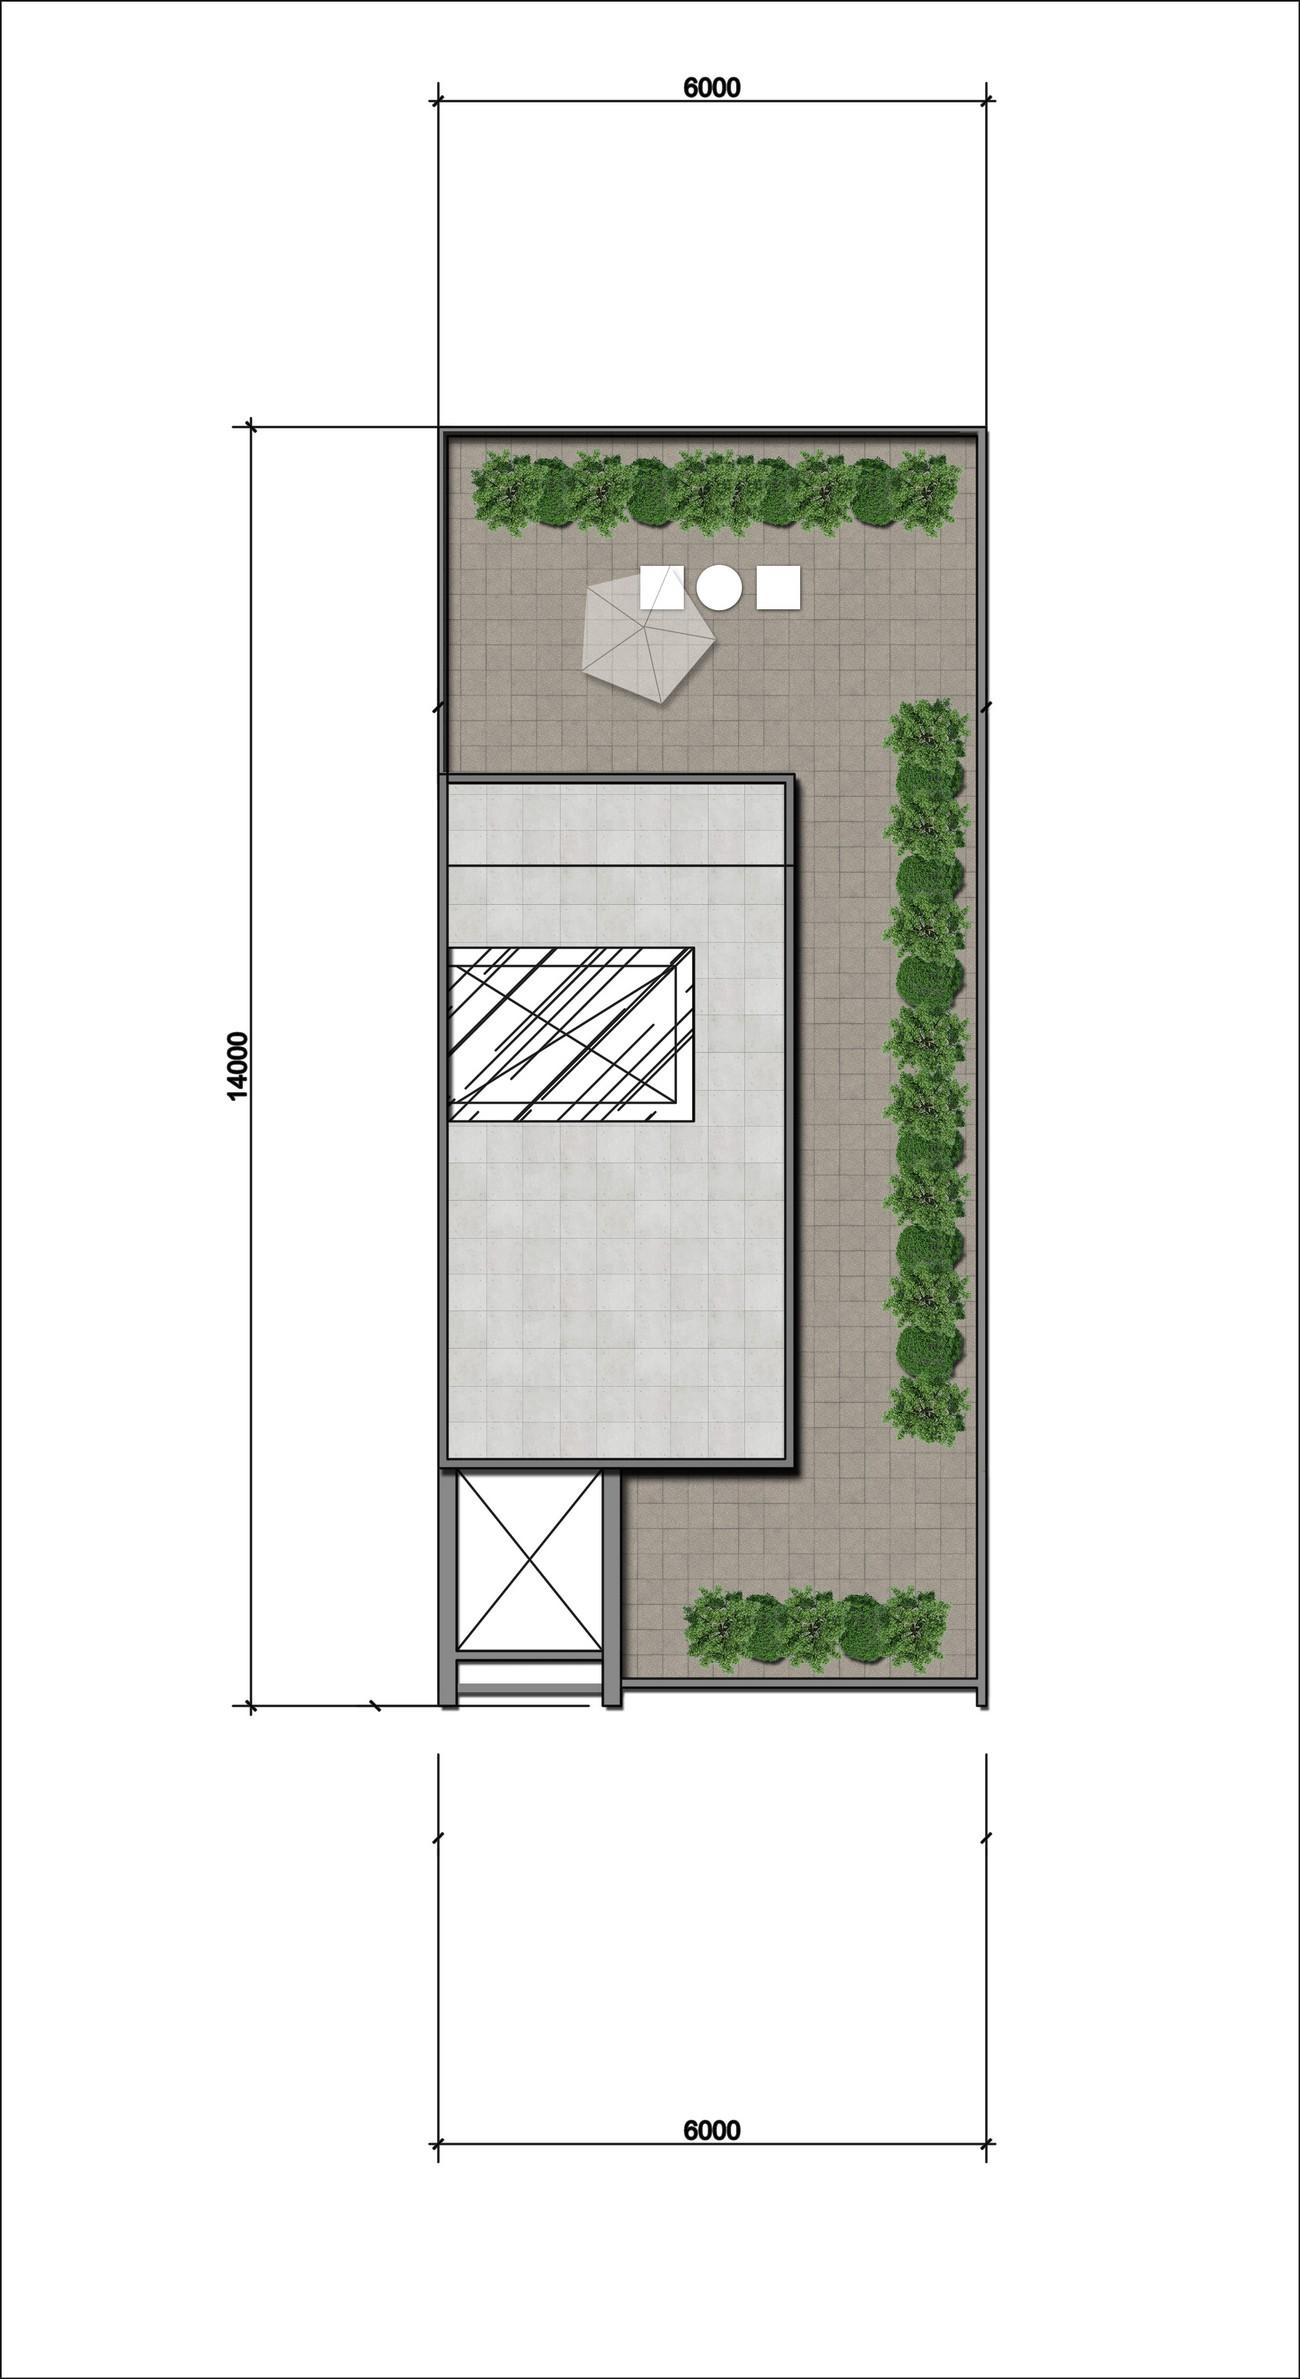 Thiết kế Nhà phố thương mại Gem Sky World Đất Xanh Đường Quốc Lộ 51 Long Thành